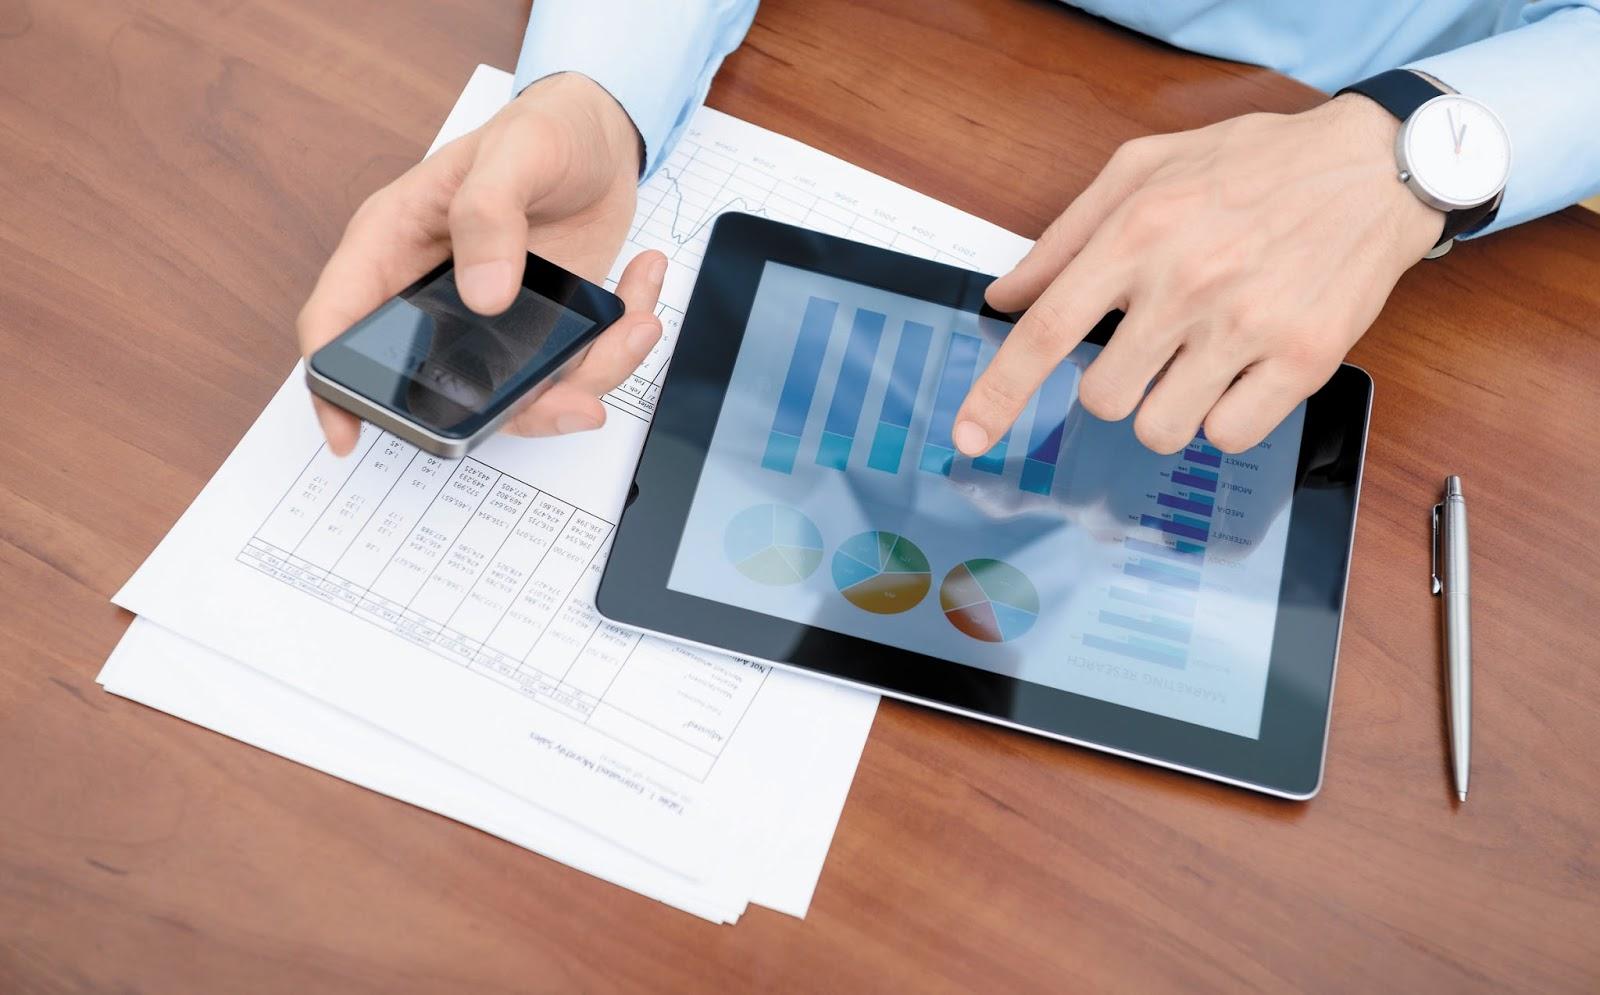 Uso de tecnología eleva la productividad